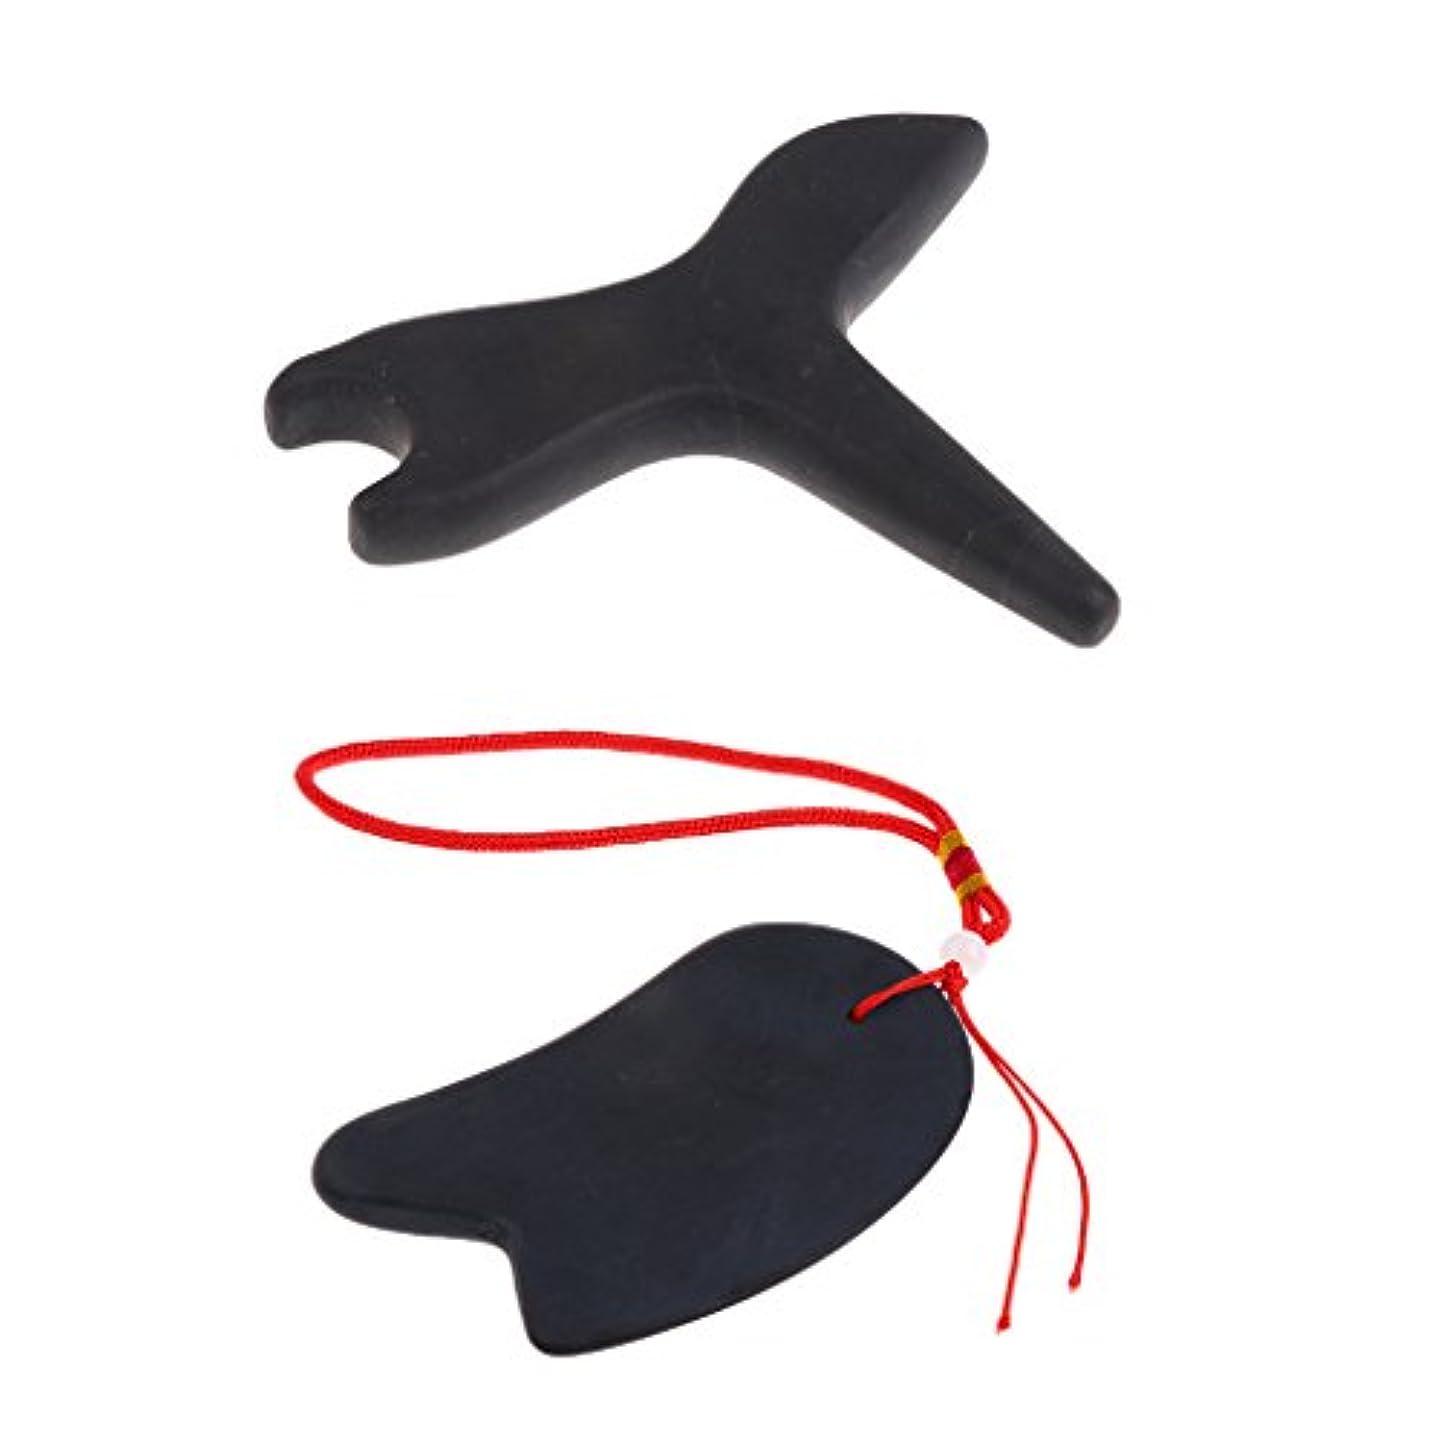 型住人不安定なマッサージボード グアシャボード 掻きツール 天然石 トリガーポイント 伝統的 マッサージツール 2個